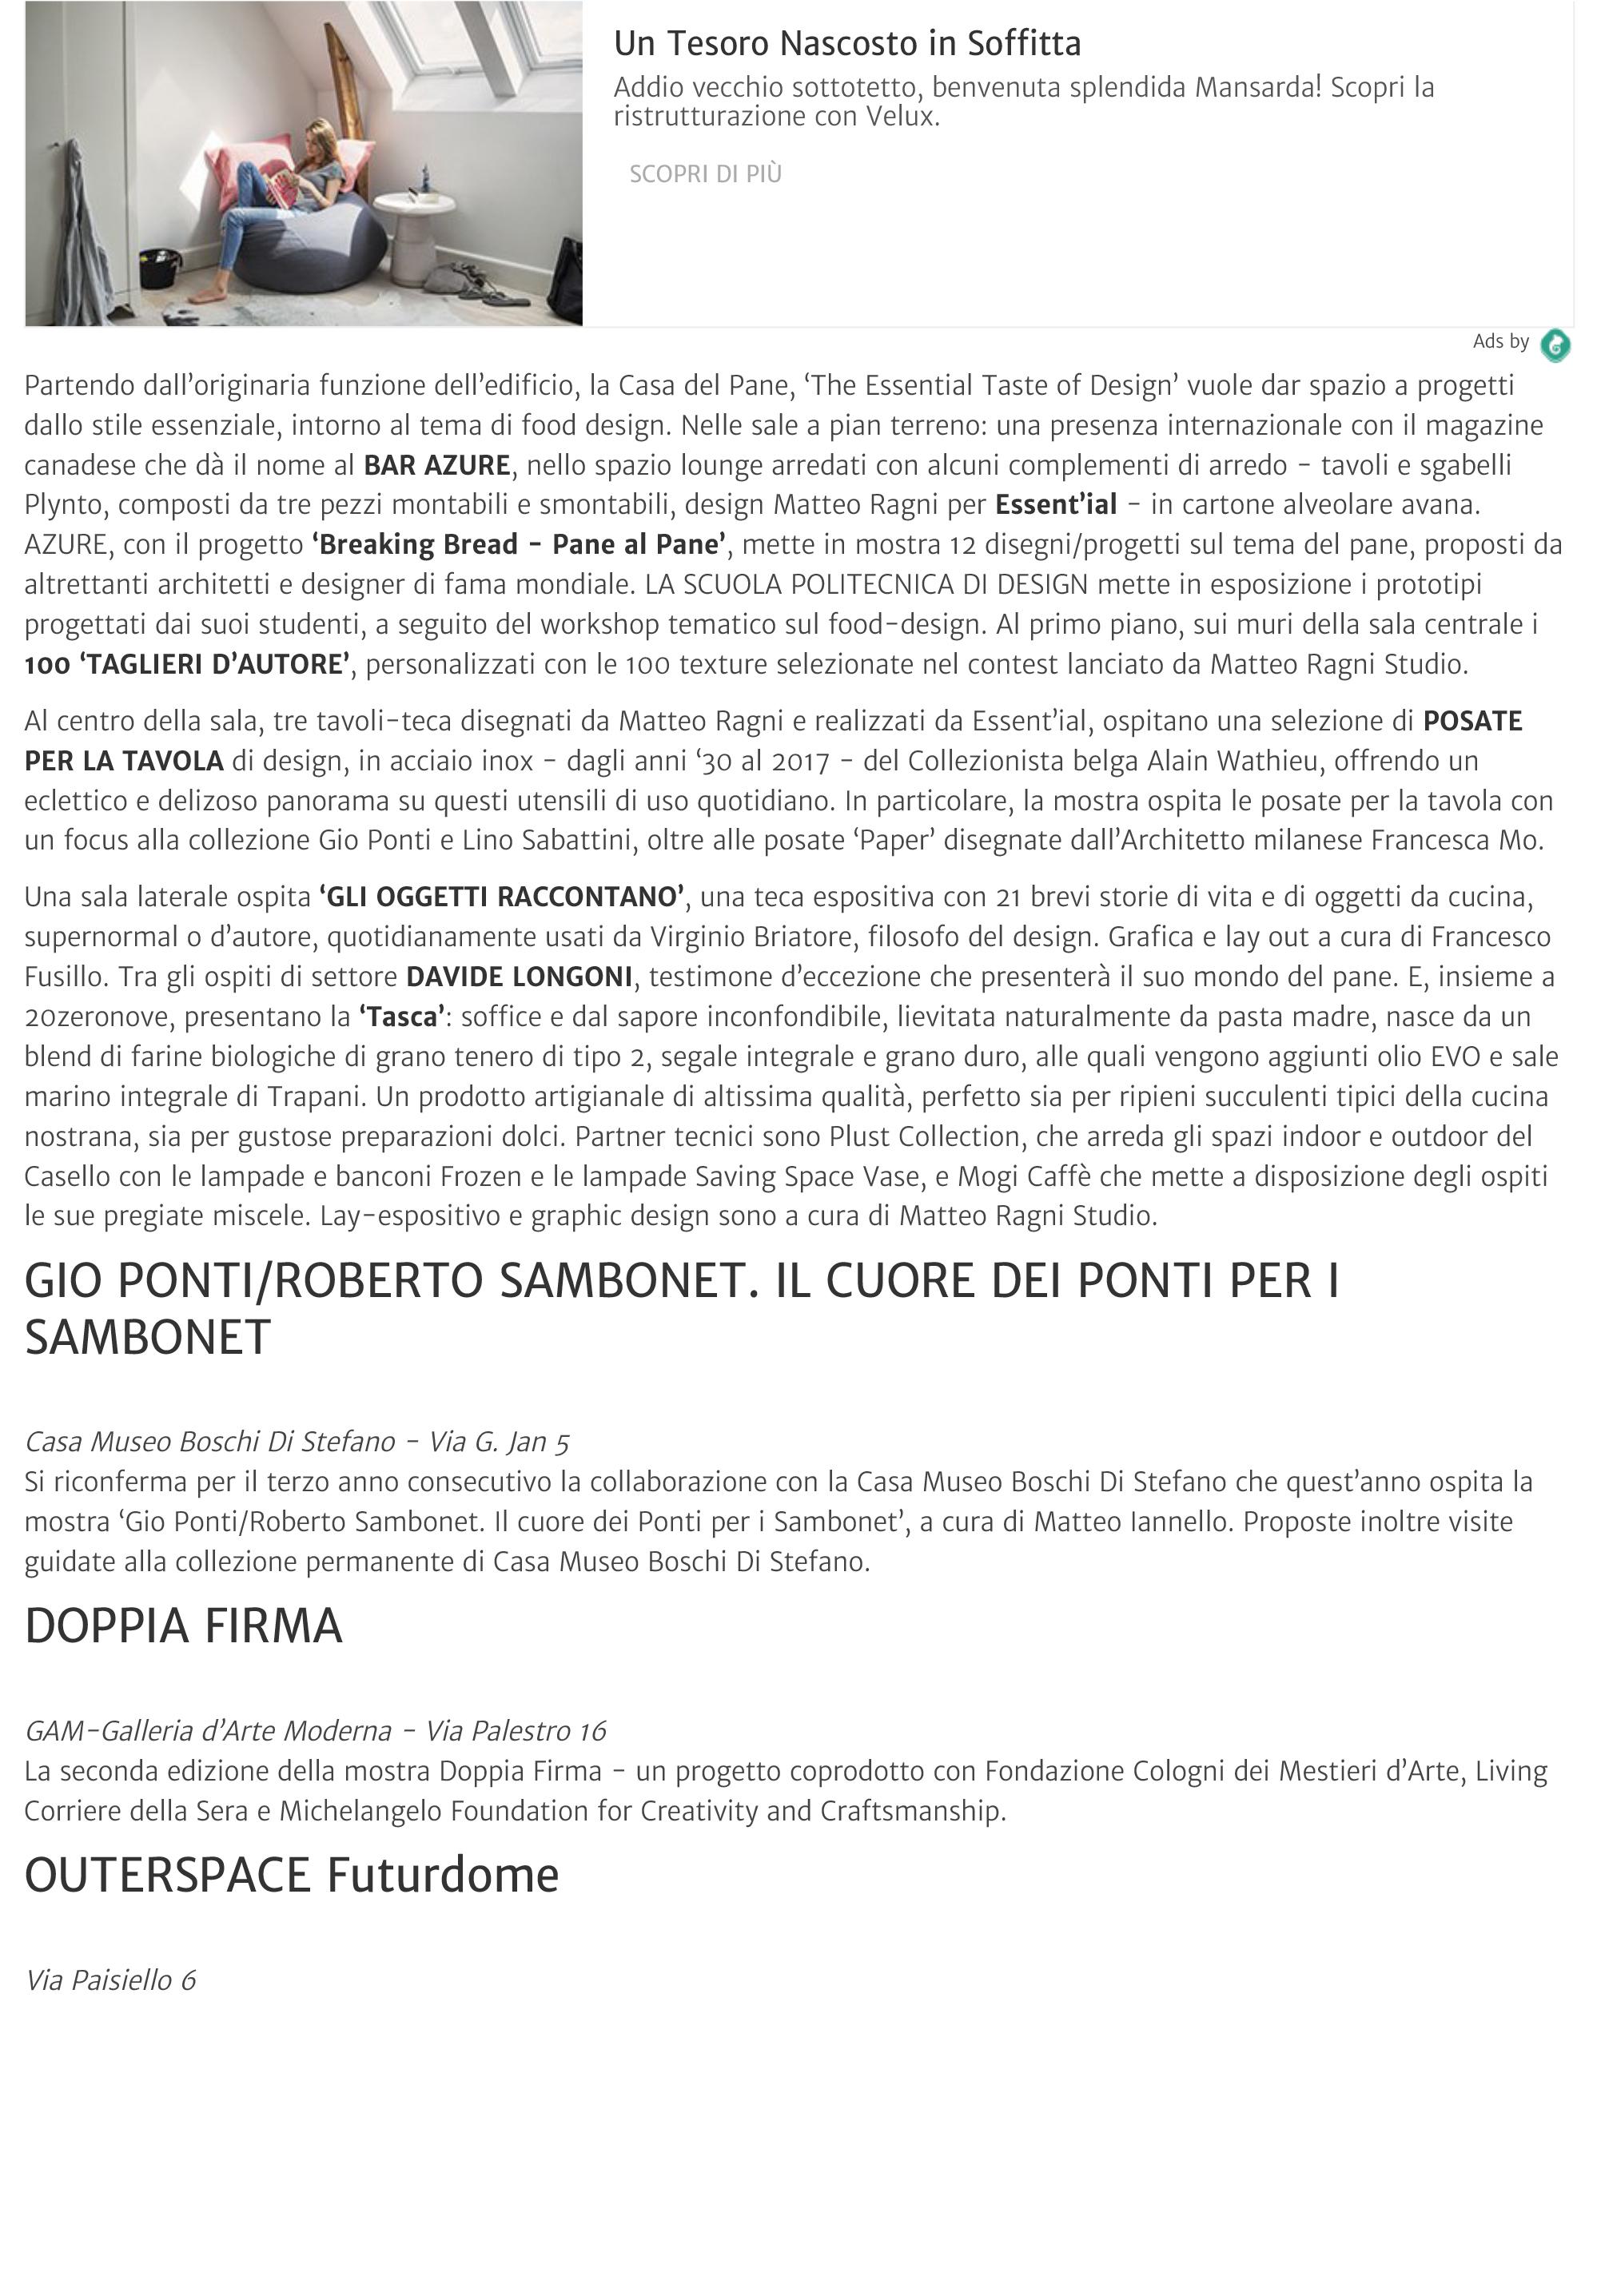 Fuorisalone 2017 eventi |Porta Venezia in Design | arte | design